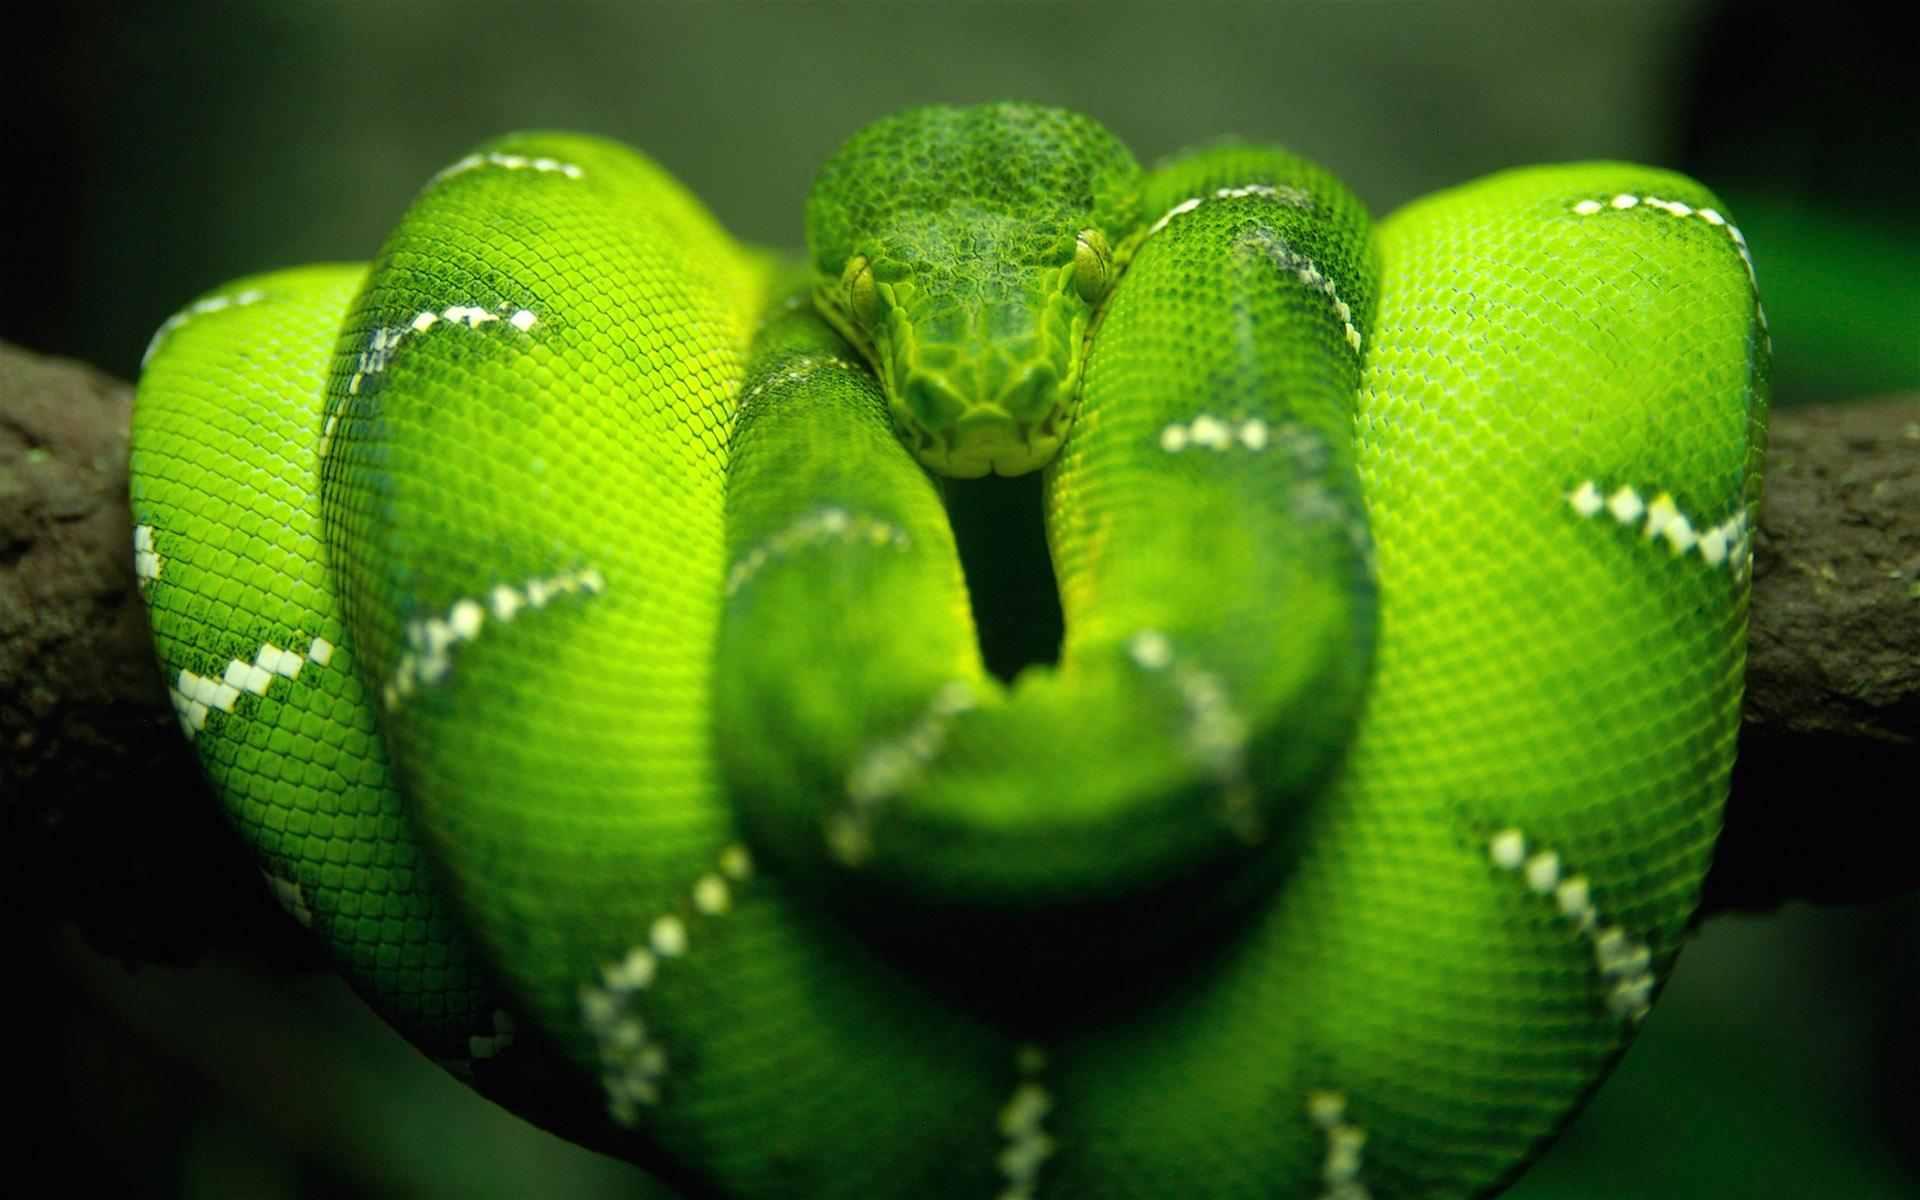 اخطر مكان في العالم غابات الامازون